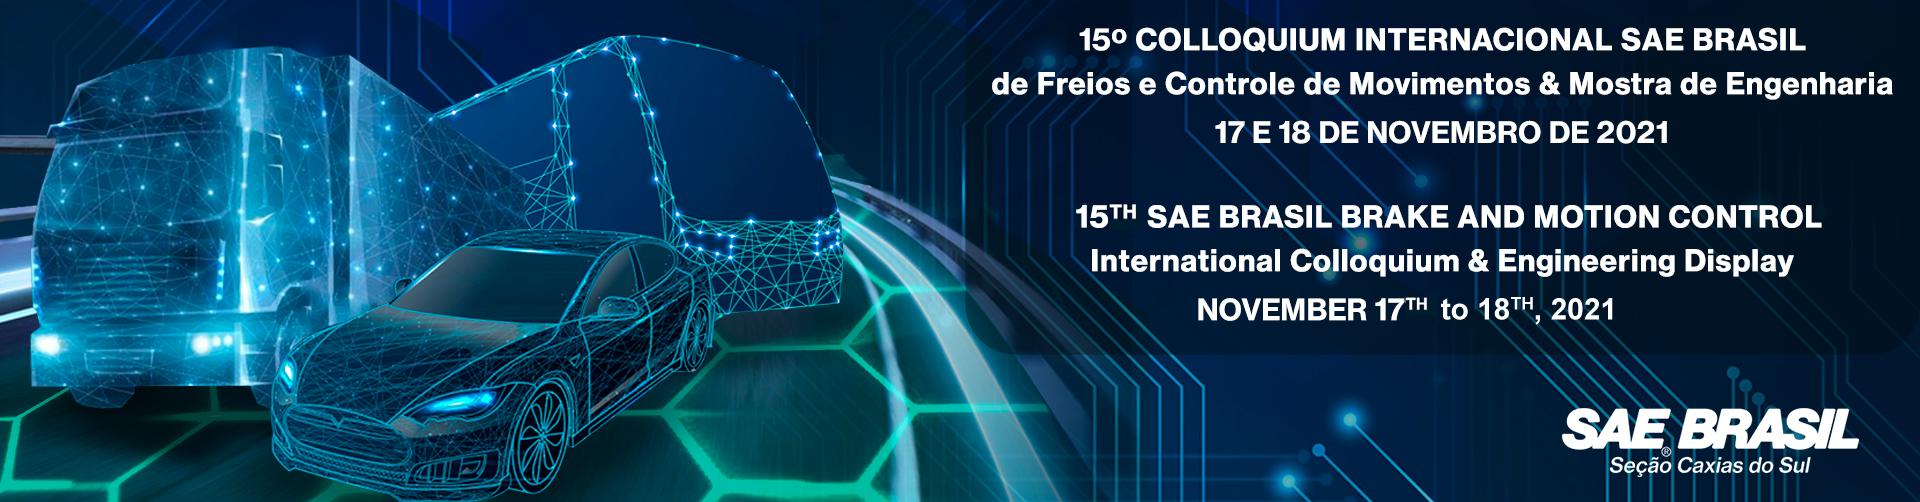 15º Colloquium Internacional SAE BRASIL de Freios e Controle de Movimentos & Mostra de Engenharia – Seção Caxias do Sul